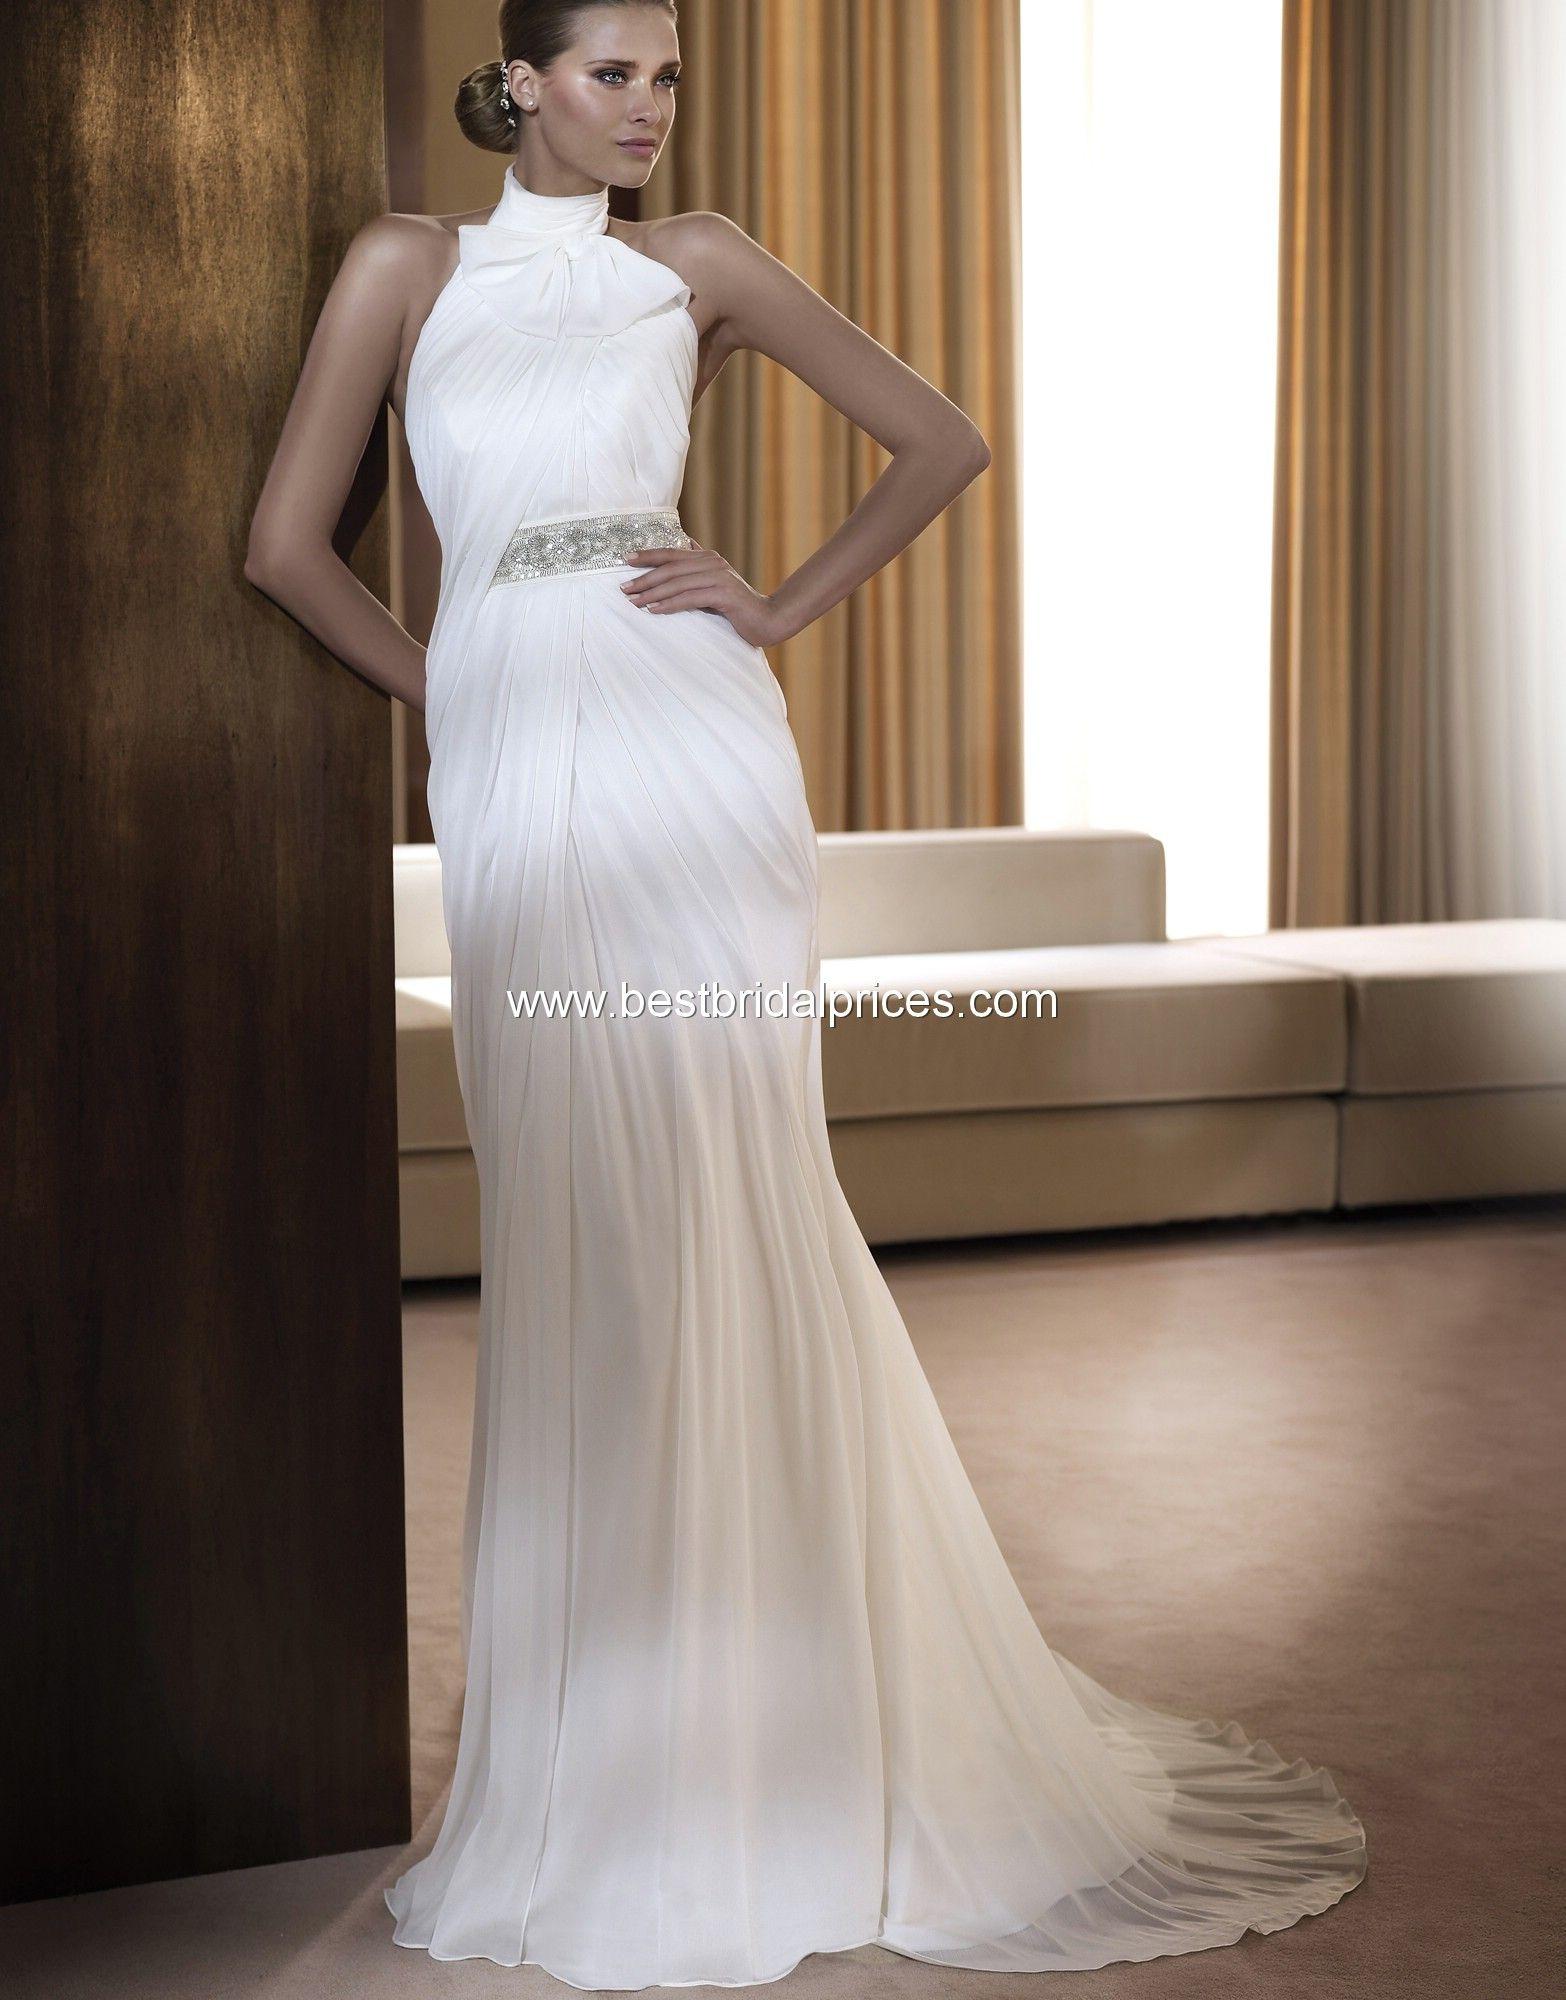 High neck wedding dresses canada pronovias wedding dresses style